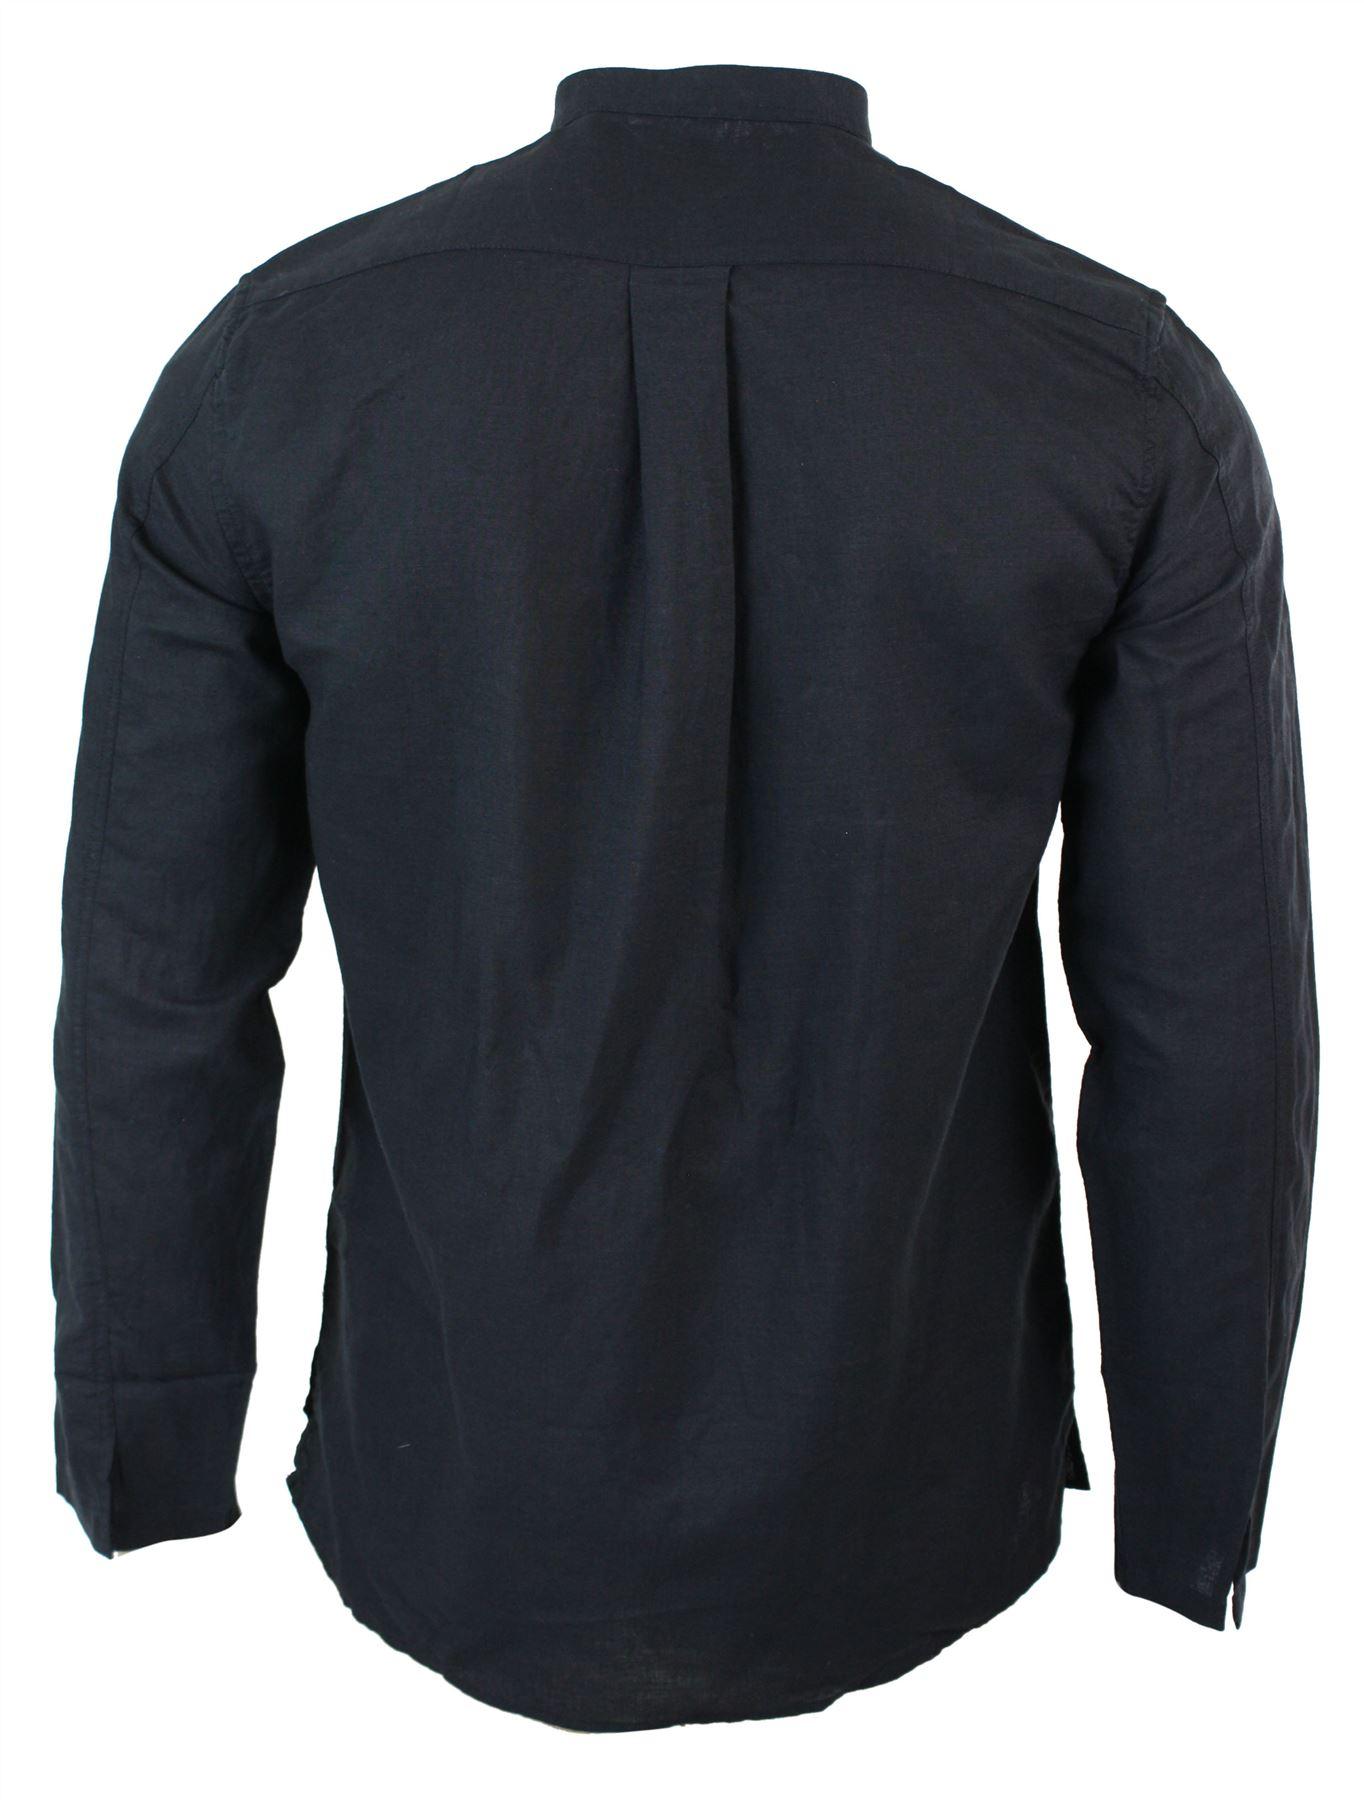 chemise boutons hauts col mao coton lin t plage patte de boutonnage homme ebay. Black Bedroom Furniture Sets. Home Design Ideas